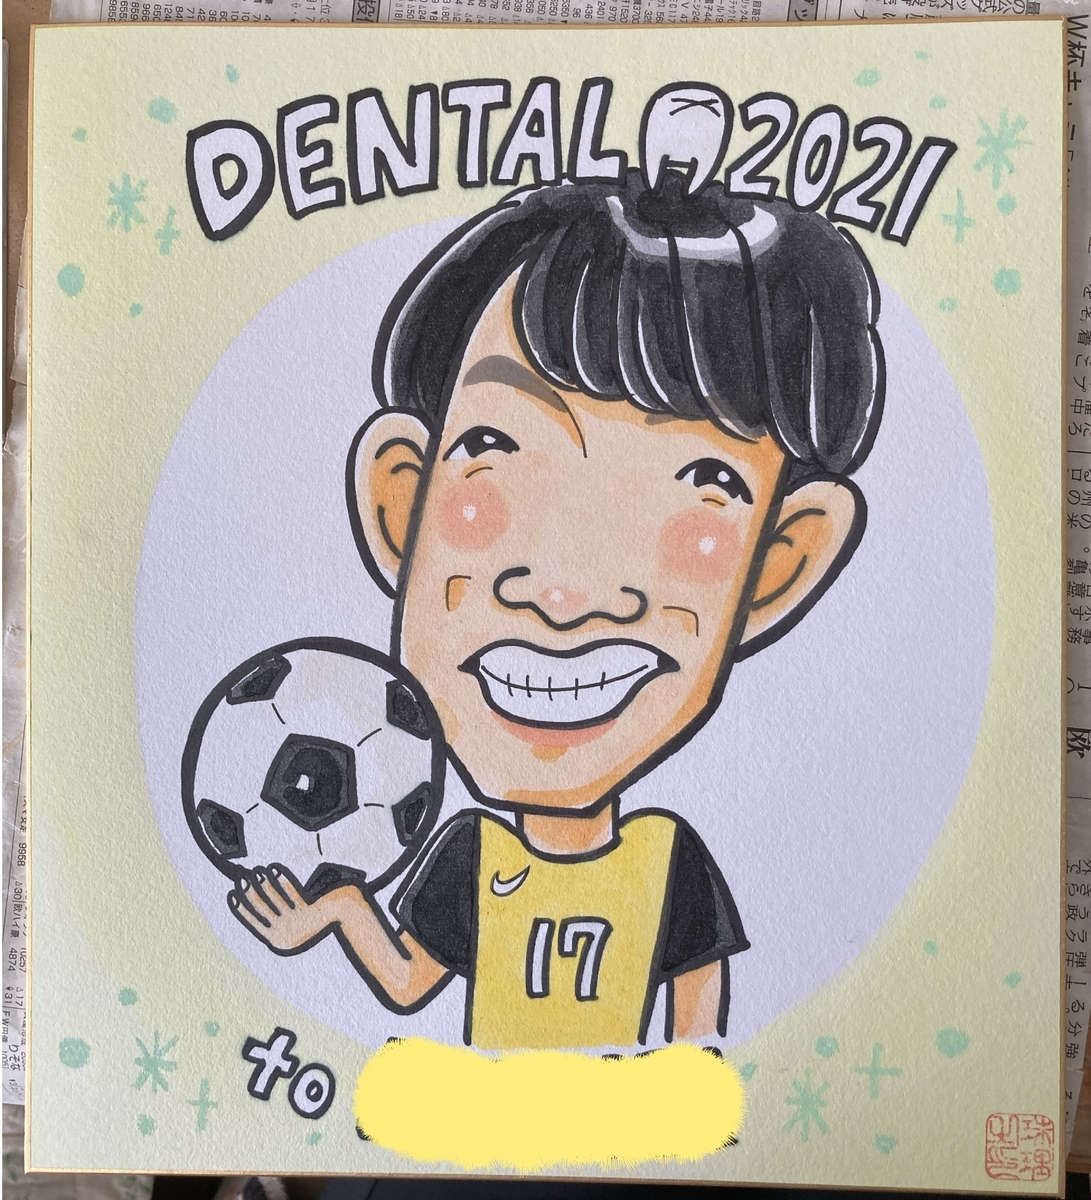 サッカー部引退の大学生へ贈る似顔絵 北海道札幌の似顔絵作家高井じゅり 似顔絵ファクトリー